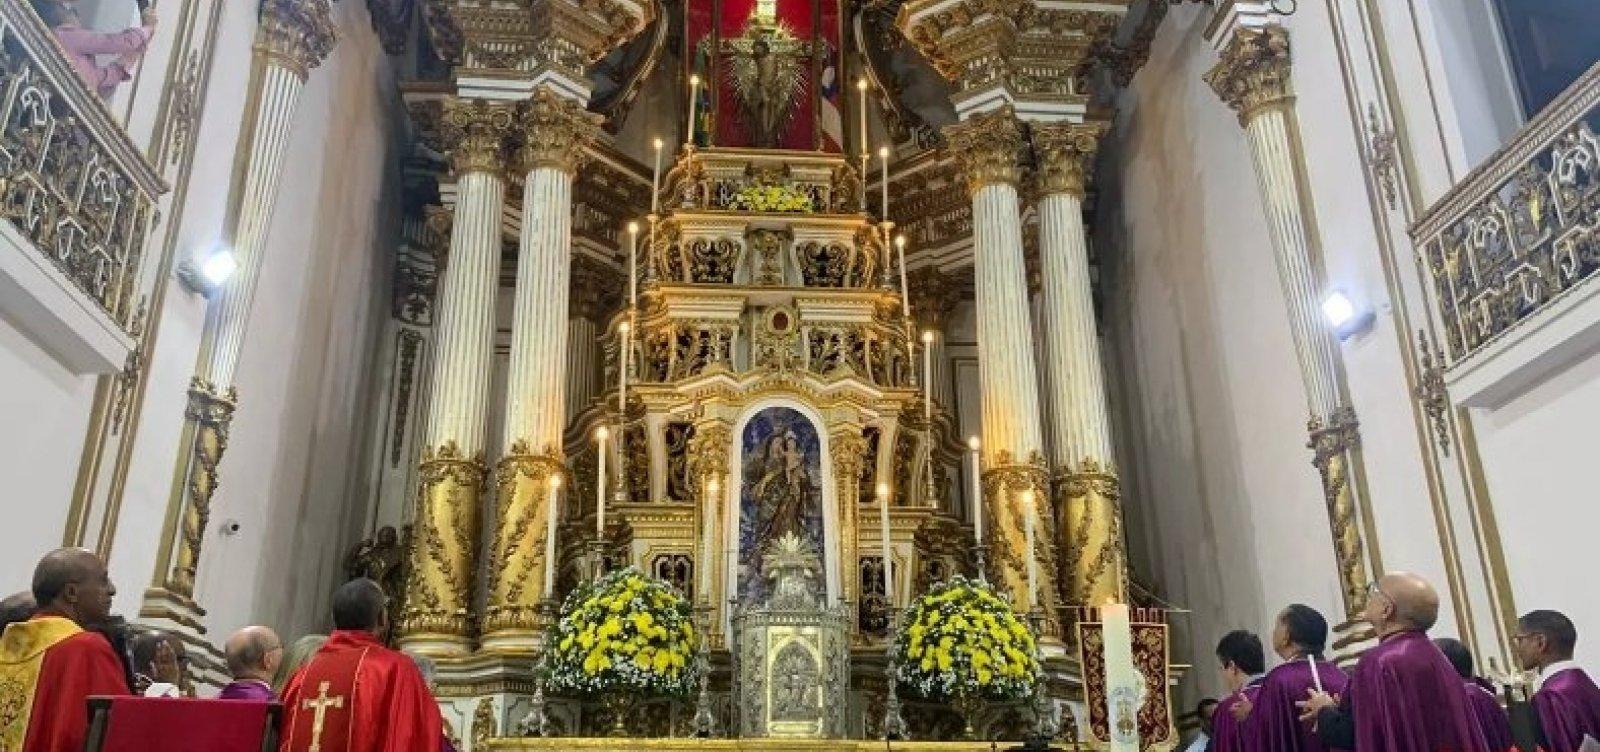 [Com missa solene, imagem do Senhor do Bonfim é devolvida ao altar da Basílica após obras]